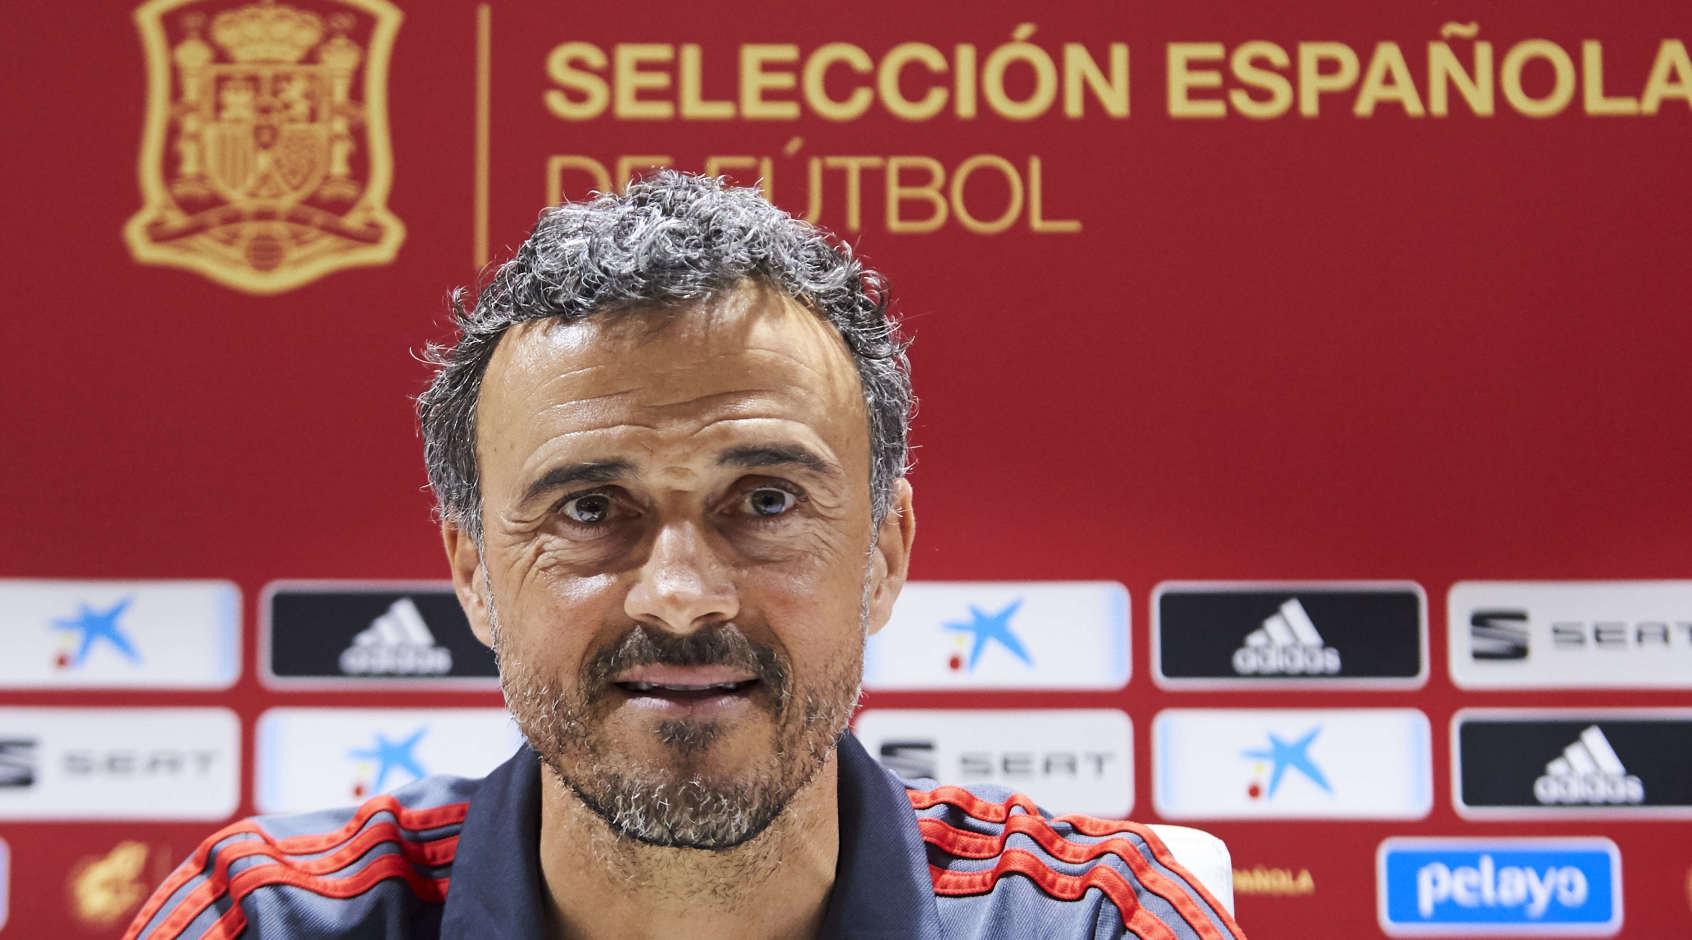 Возвращение Луиса Энрике в сборную Испании превратилось из фиесты в кризис